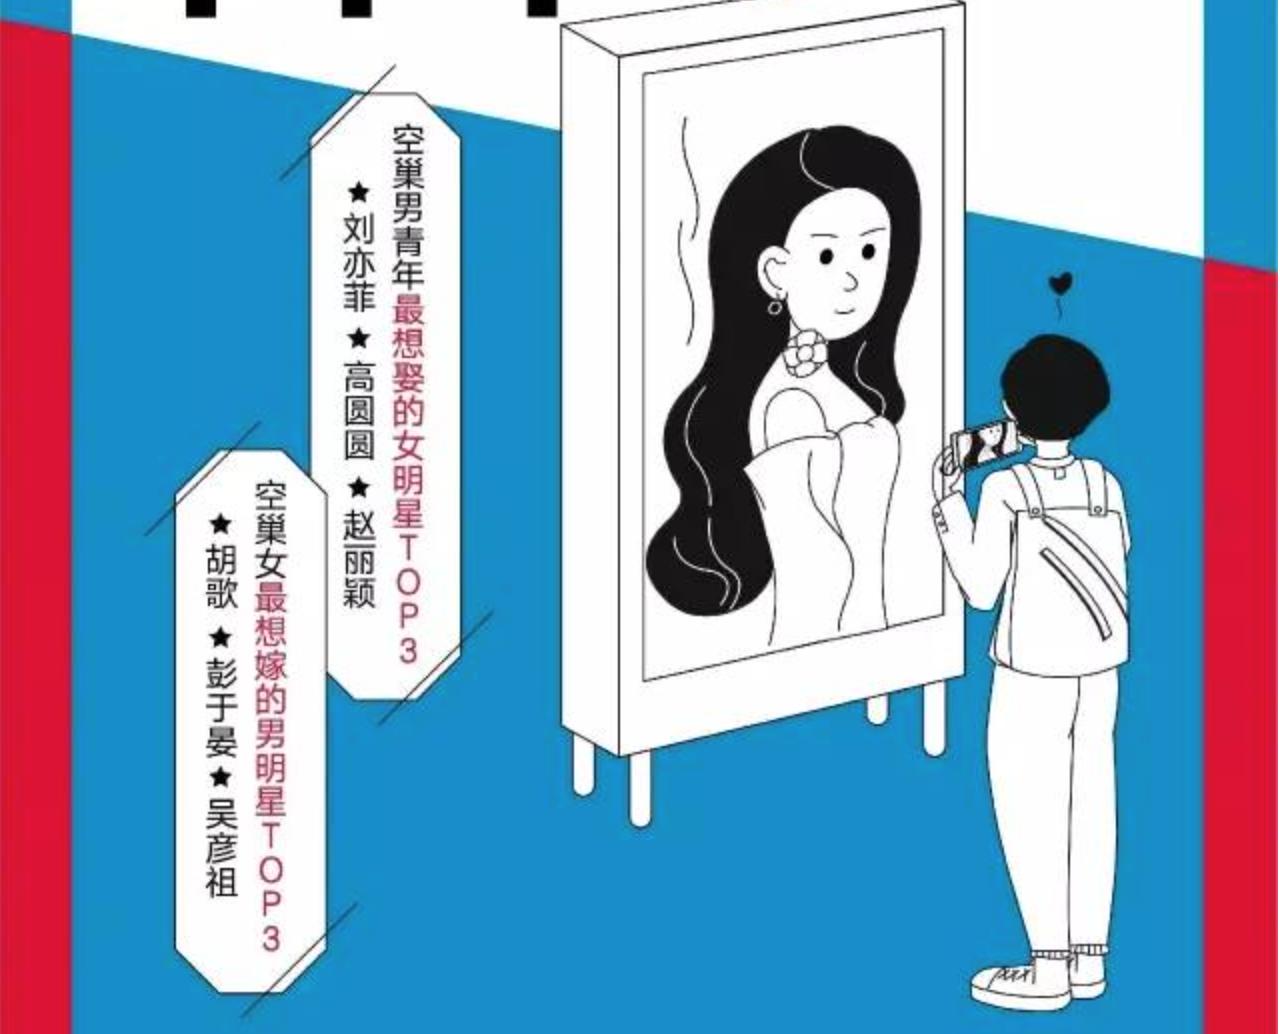 xiangjia